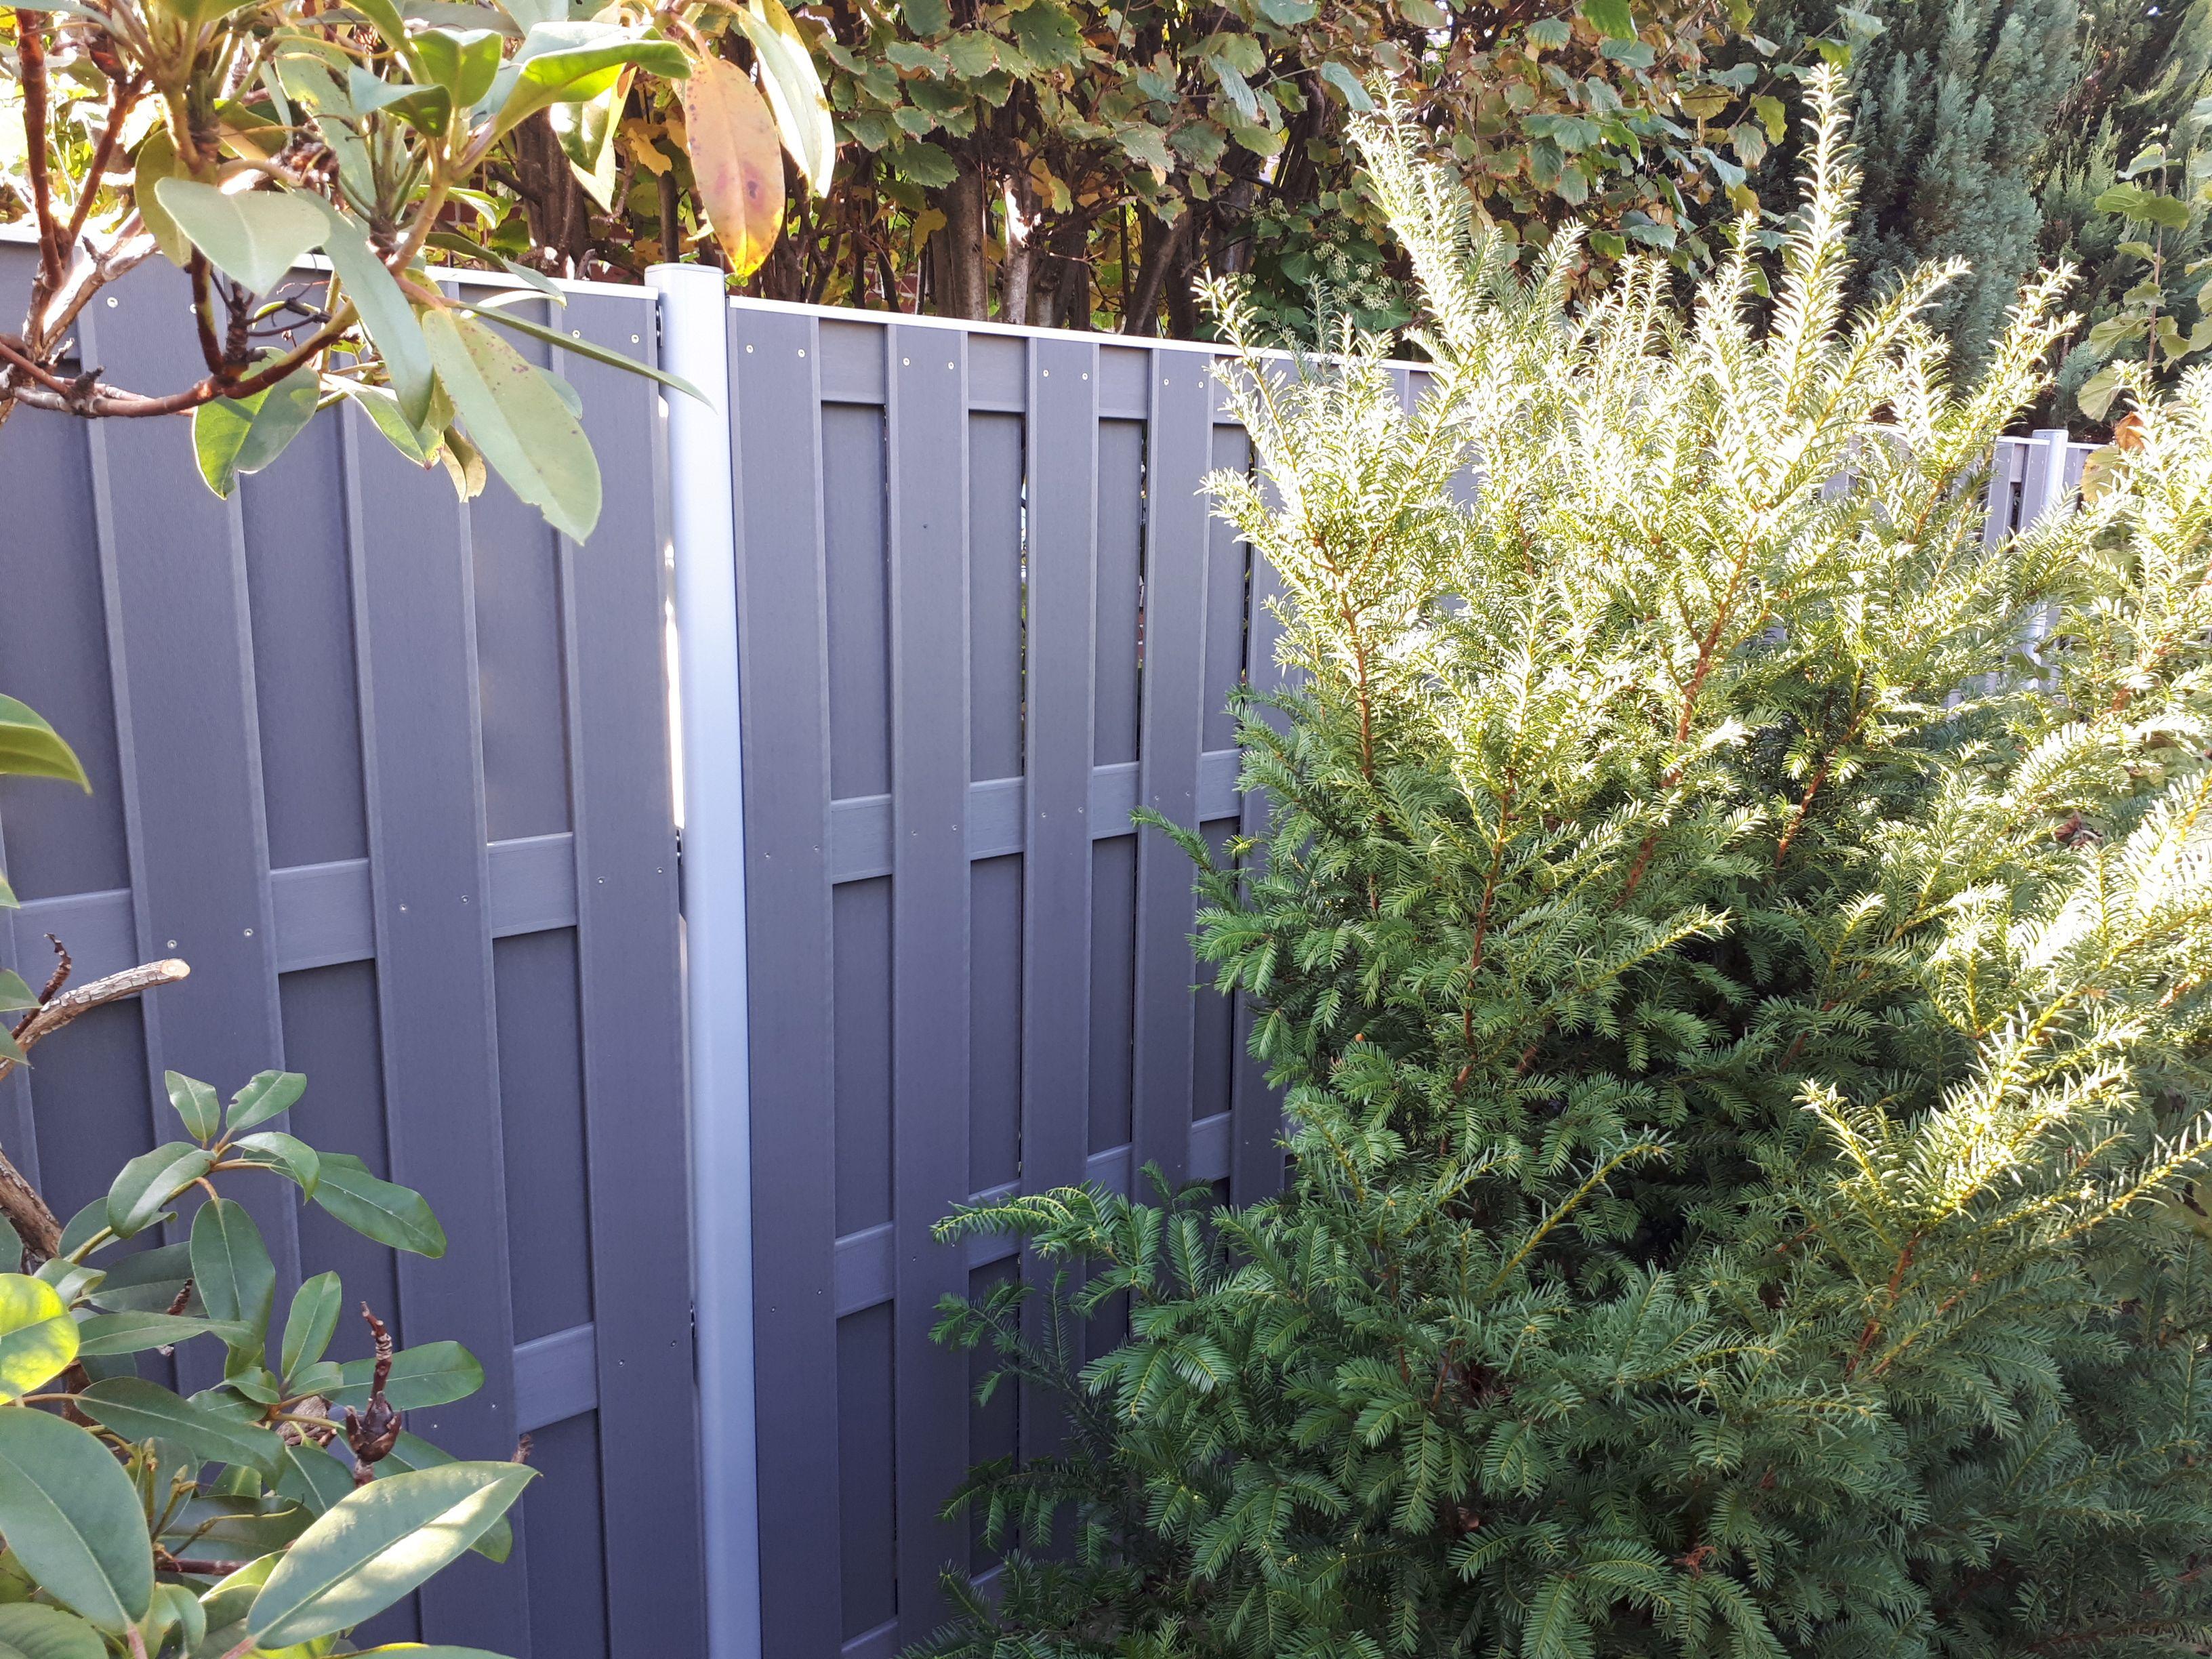 Bau WPC Sichtschutz Zaun inkl. Aluminiumpfosten und